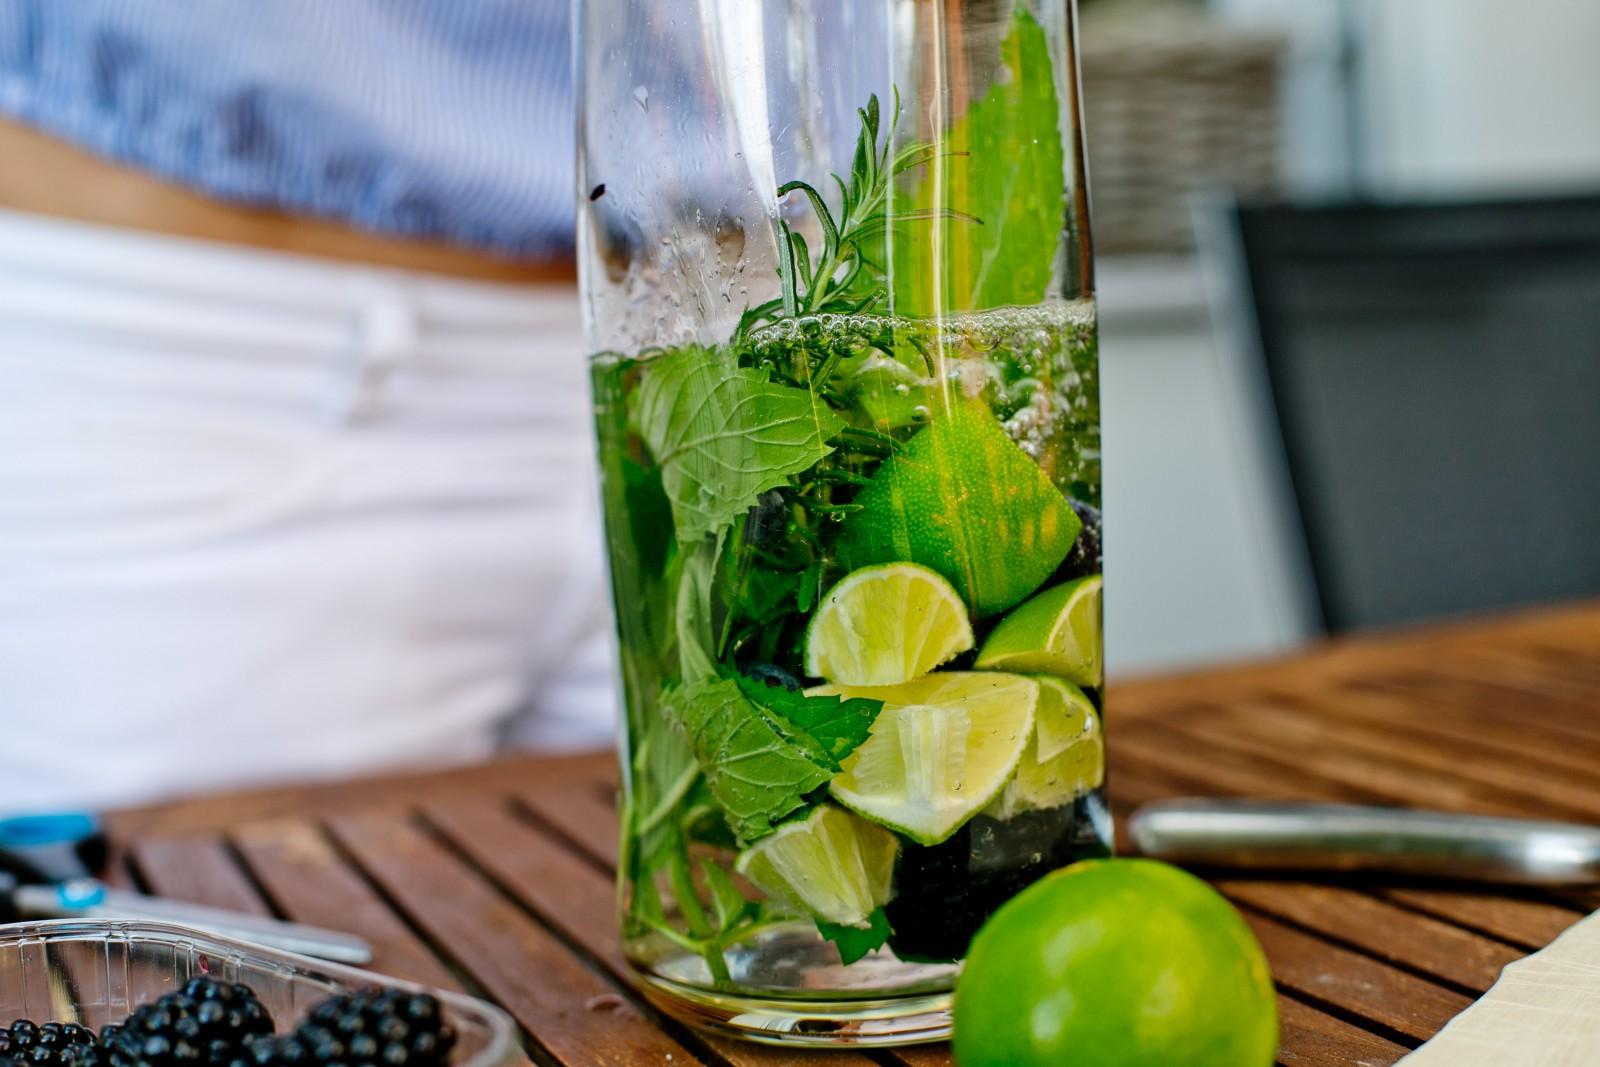 Sommerfrische im Glas